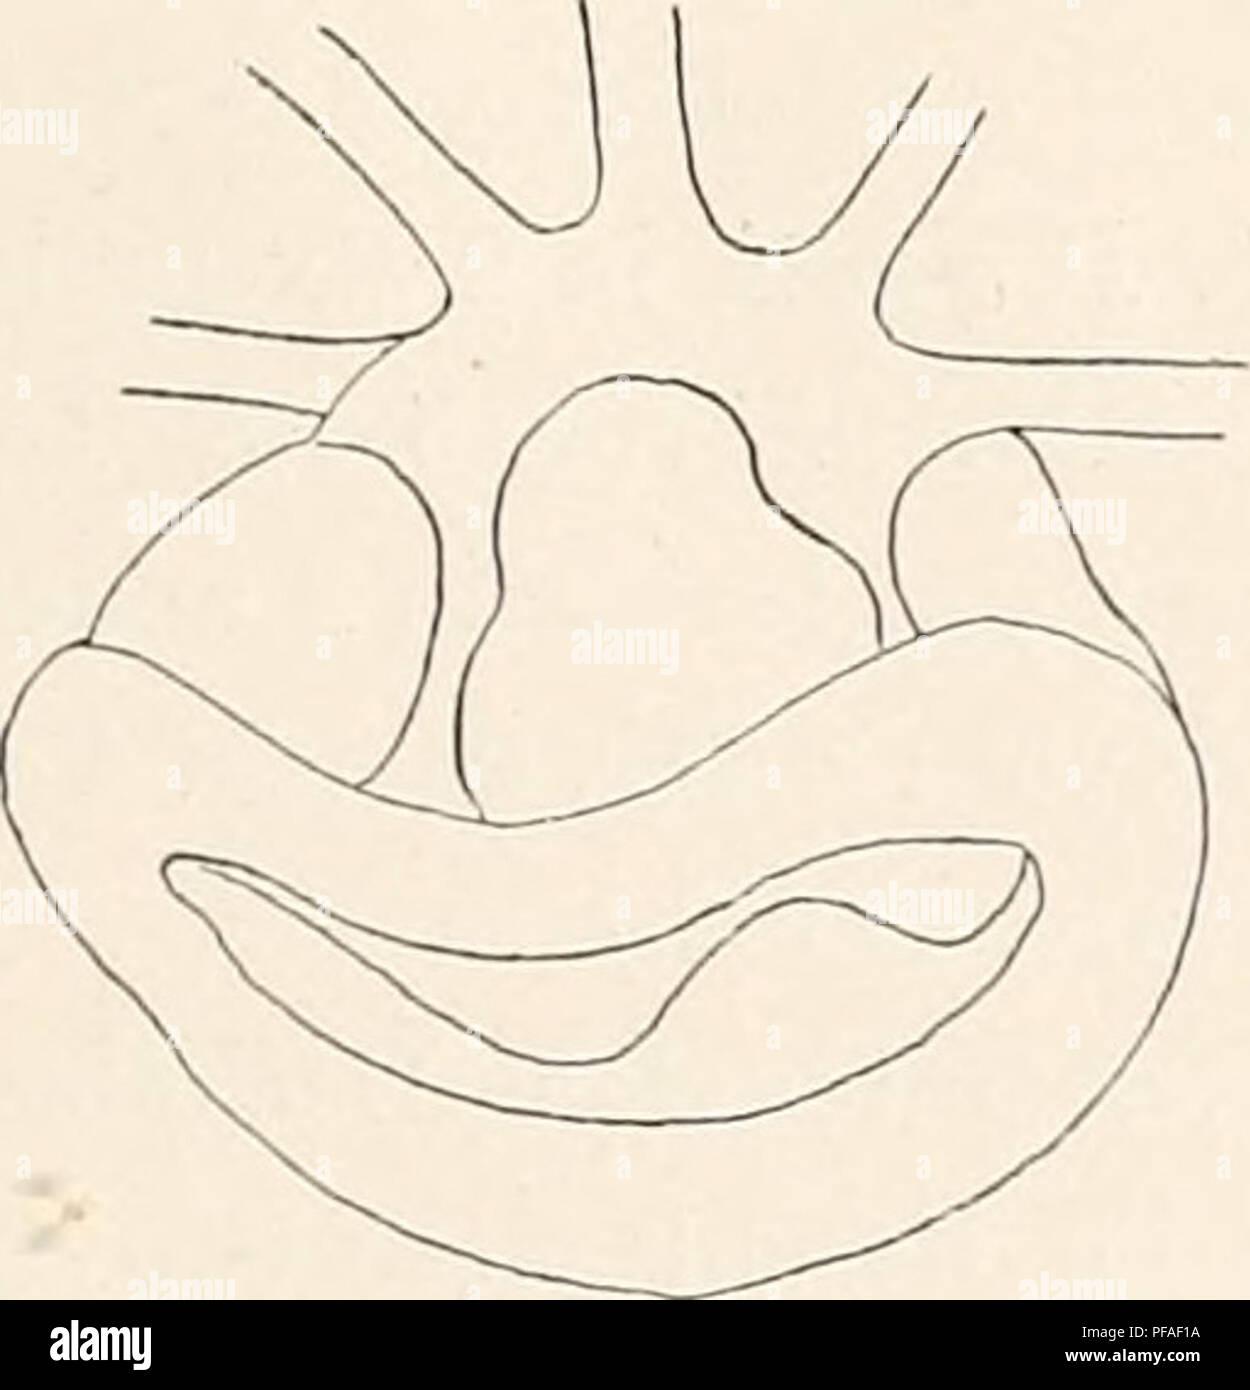 . Deutsche Südpolar-Expedition, 1901-1903, im Auftrage des Reichsamtes des Innern. Gauss (Ship); Scientific expeditions; Antarctica. Vanhöffen, Craspedote Medusen. 377 im Innern des Magens sind noch, weitere solcher Blättchen vorhanden, welche die Magenwand schuppenartig bekleiden (Textfig. 11). Getrennt vom Magen hängen im oberen Teil der Radiärkanäle die Gonaden herab als keulen- förmige Säcke von 2,5 mm Breite und 6,5 mm Länge, wodurch unsere Art an eine Leptomeduse erinnert. Zur Aufstellung einer besonderen Gattung liegt trotz der eigentümlichen Lage der Gonaden keine Veranlassung vor, da  Stock Photo